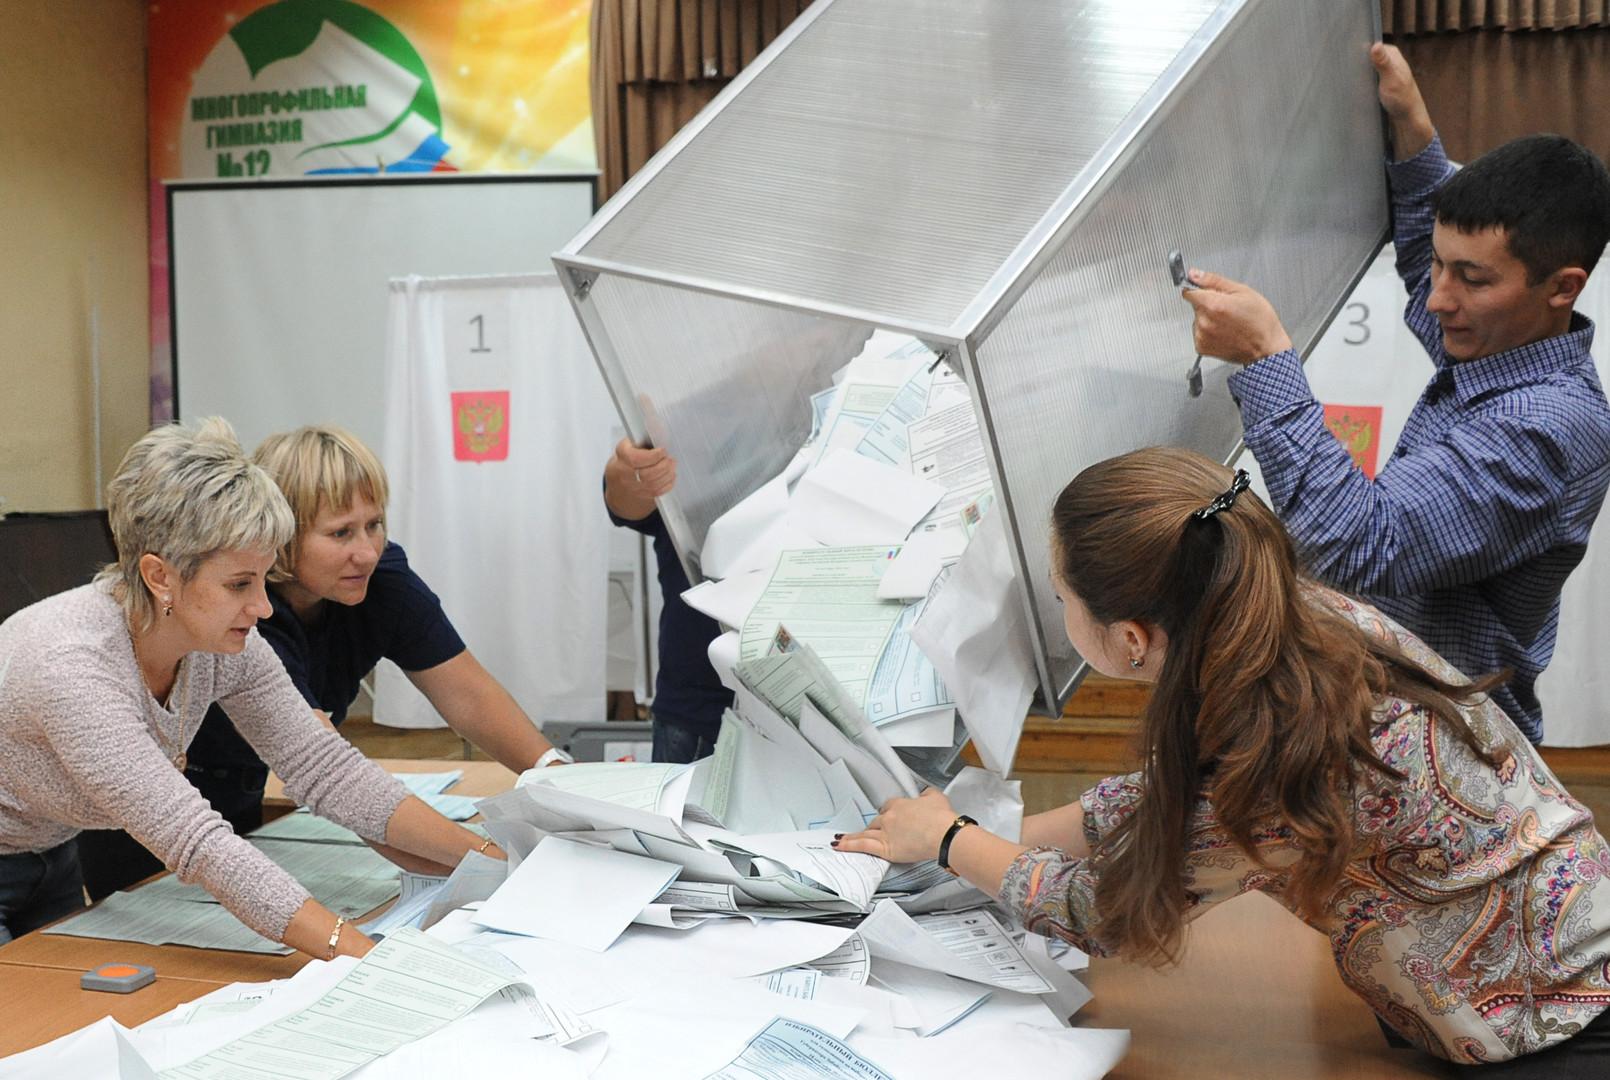 Пять лет спустя: «Единая Россия» может вернуть себе конституционное большинство